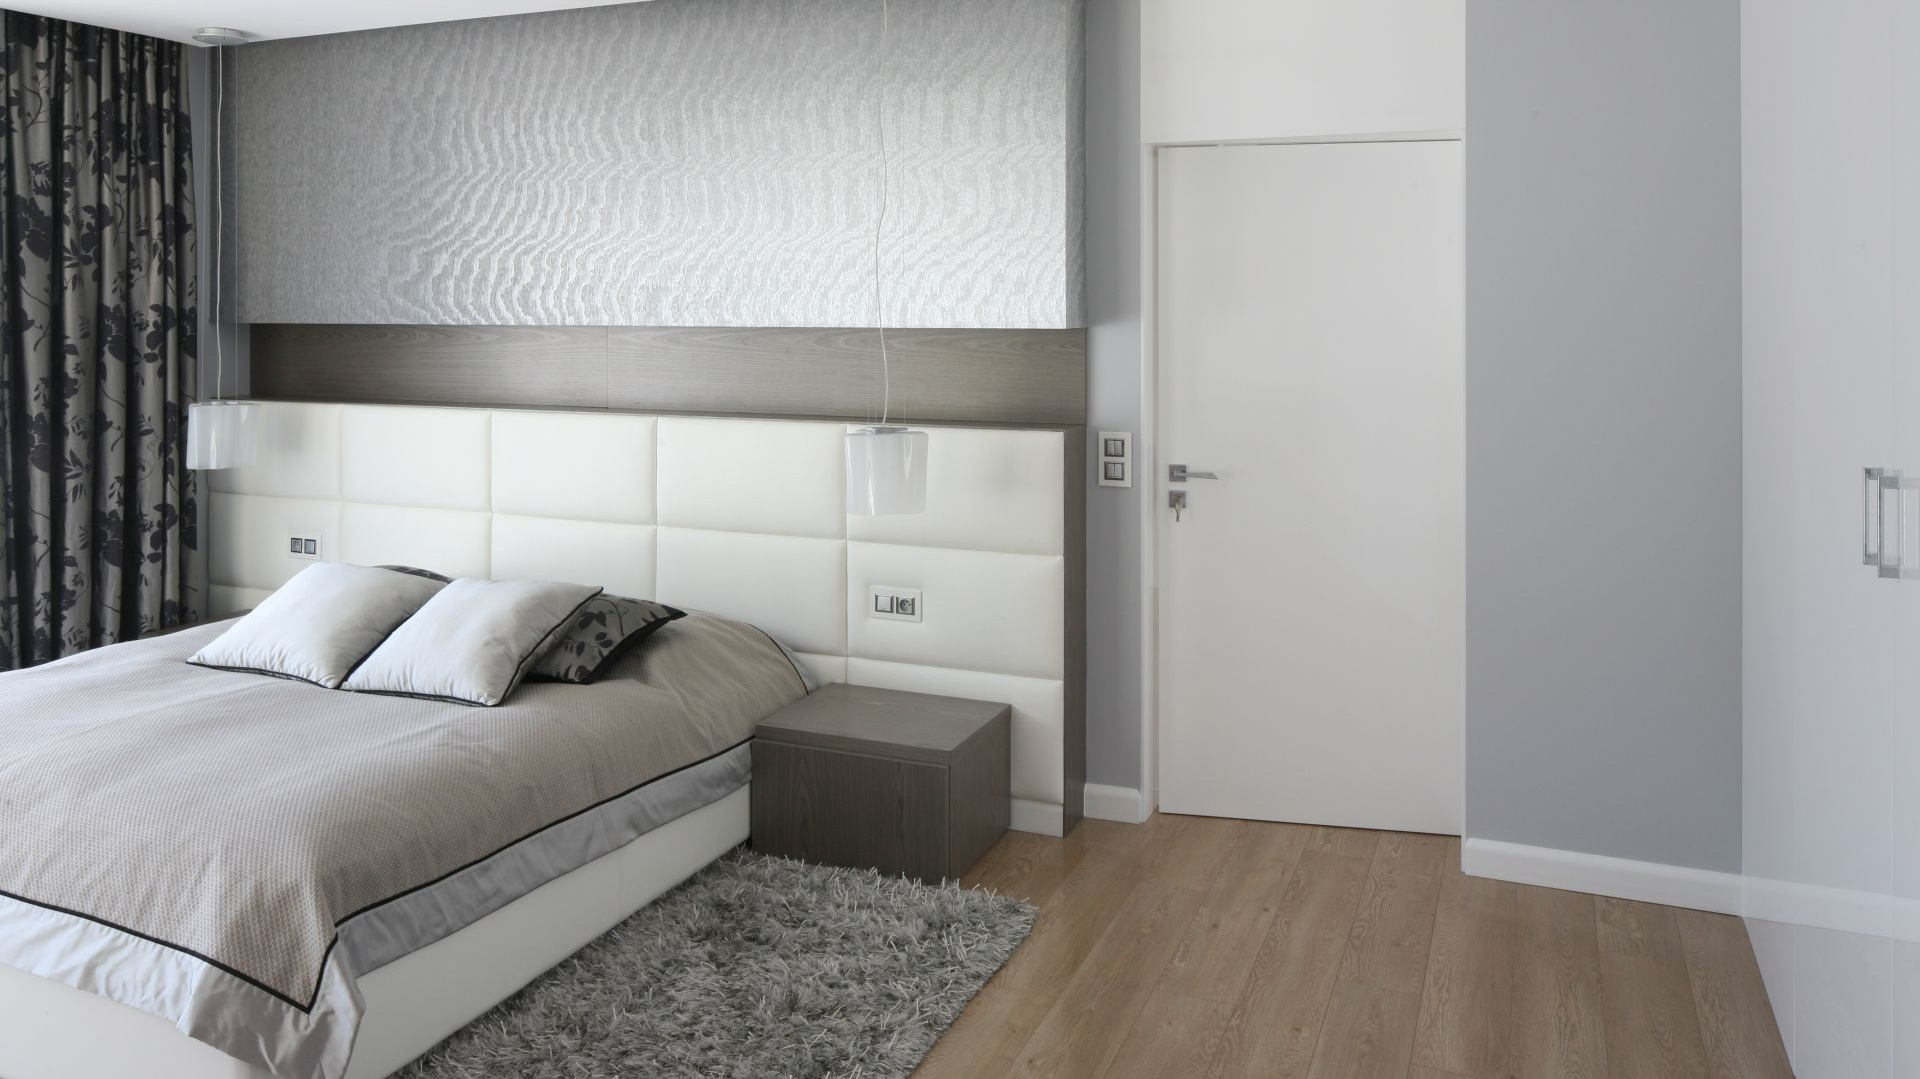 W sypialni urządzonej w bieli, możemy swobodnie łączyć różnorodne materiały i faktury, takie jak szkło z metalem, drewnem, betonem czy skórą. Na jasnej powierzchni będą one doskonale wyeksponowane. Projekt: Agnieszka Hajdas-Obajtek. Fot. Bartosz Jarosz.